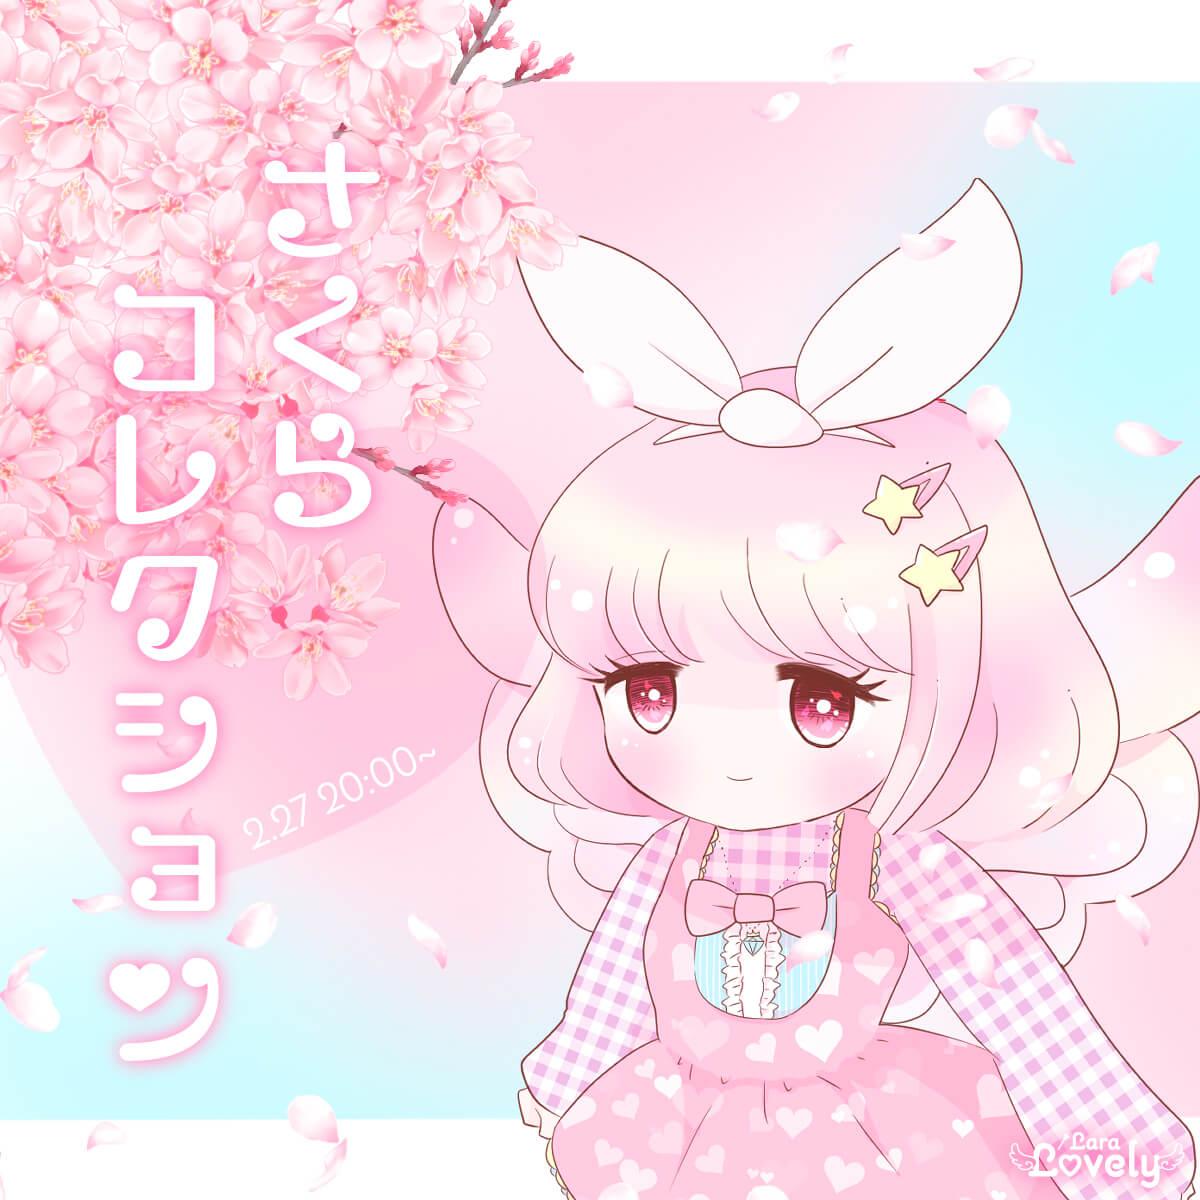 【ラララヴ 2019 Spring Collection】さくらコレクション🌸 2.27 20:00〜